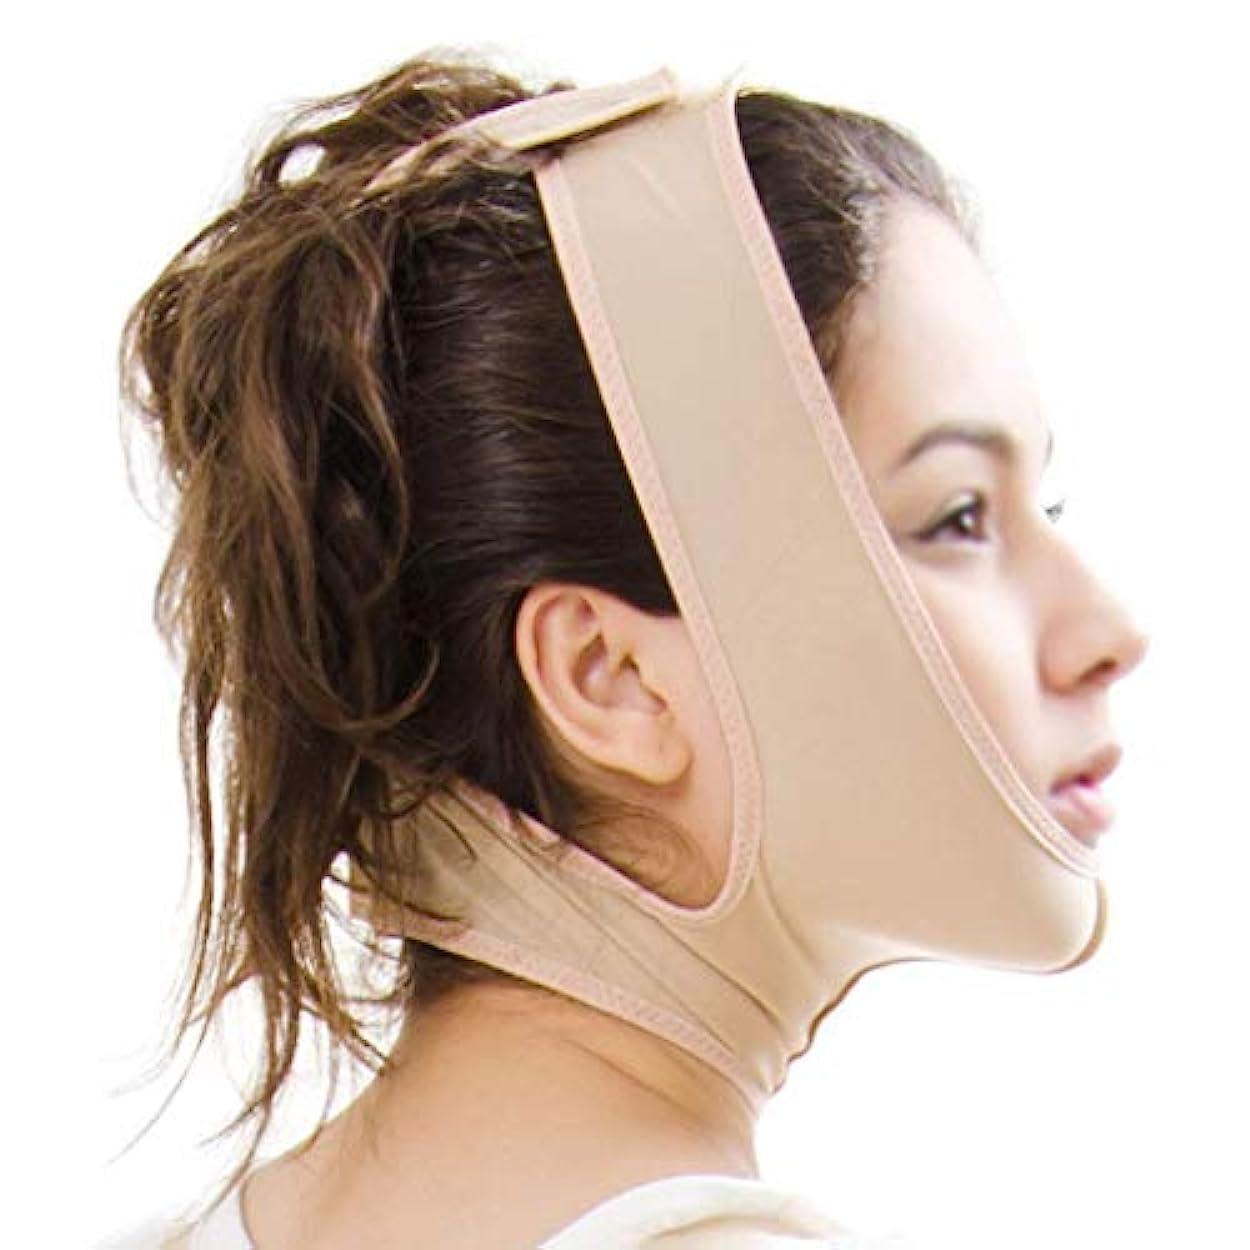 滑り台エイリアン新しい意味顔面リフティング包帯、あごの首と首のダブルあご顔、脂肪吸引術、術後創傷マスク(サイズ:M)